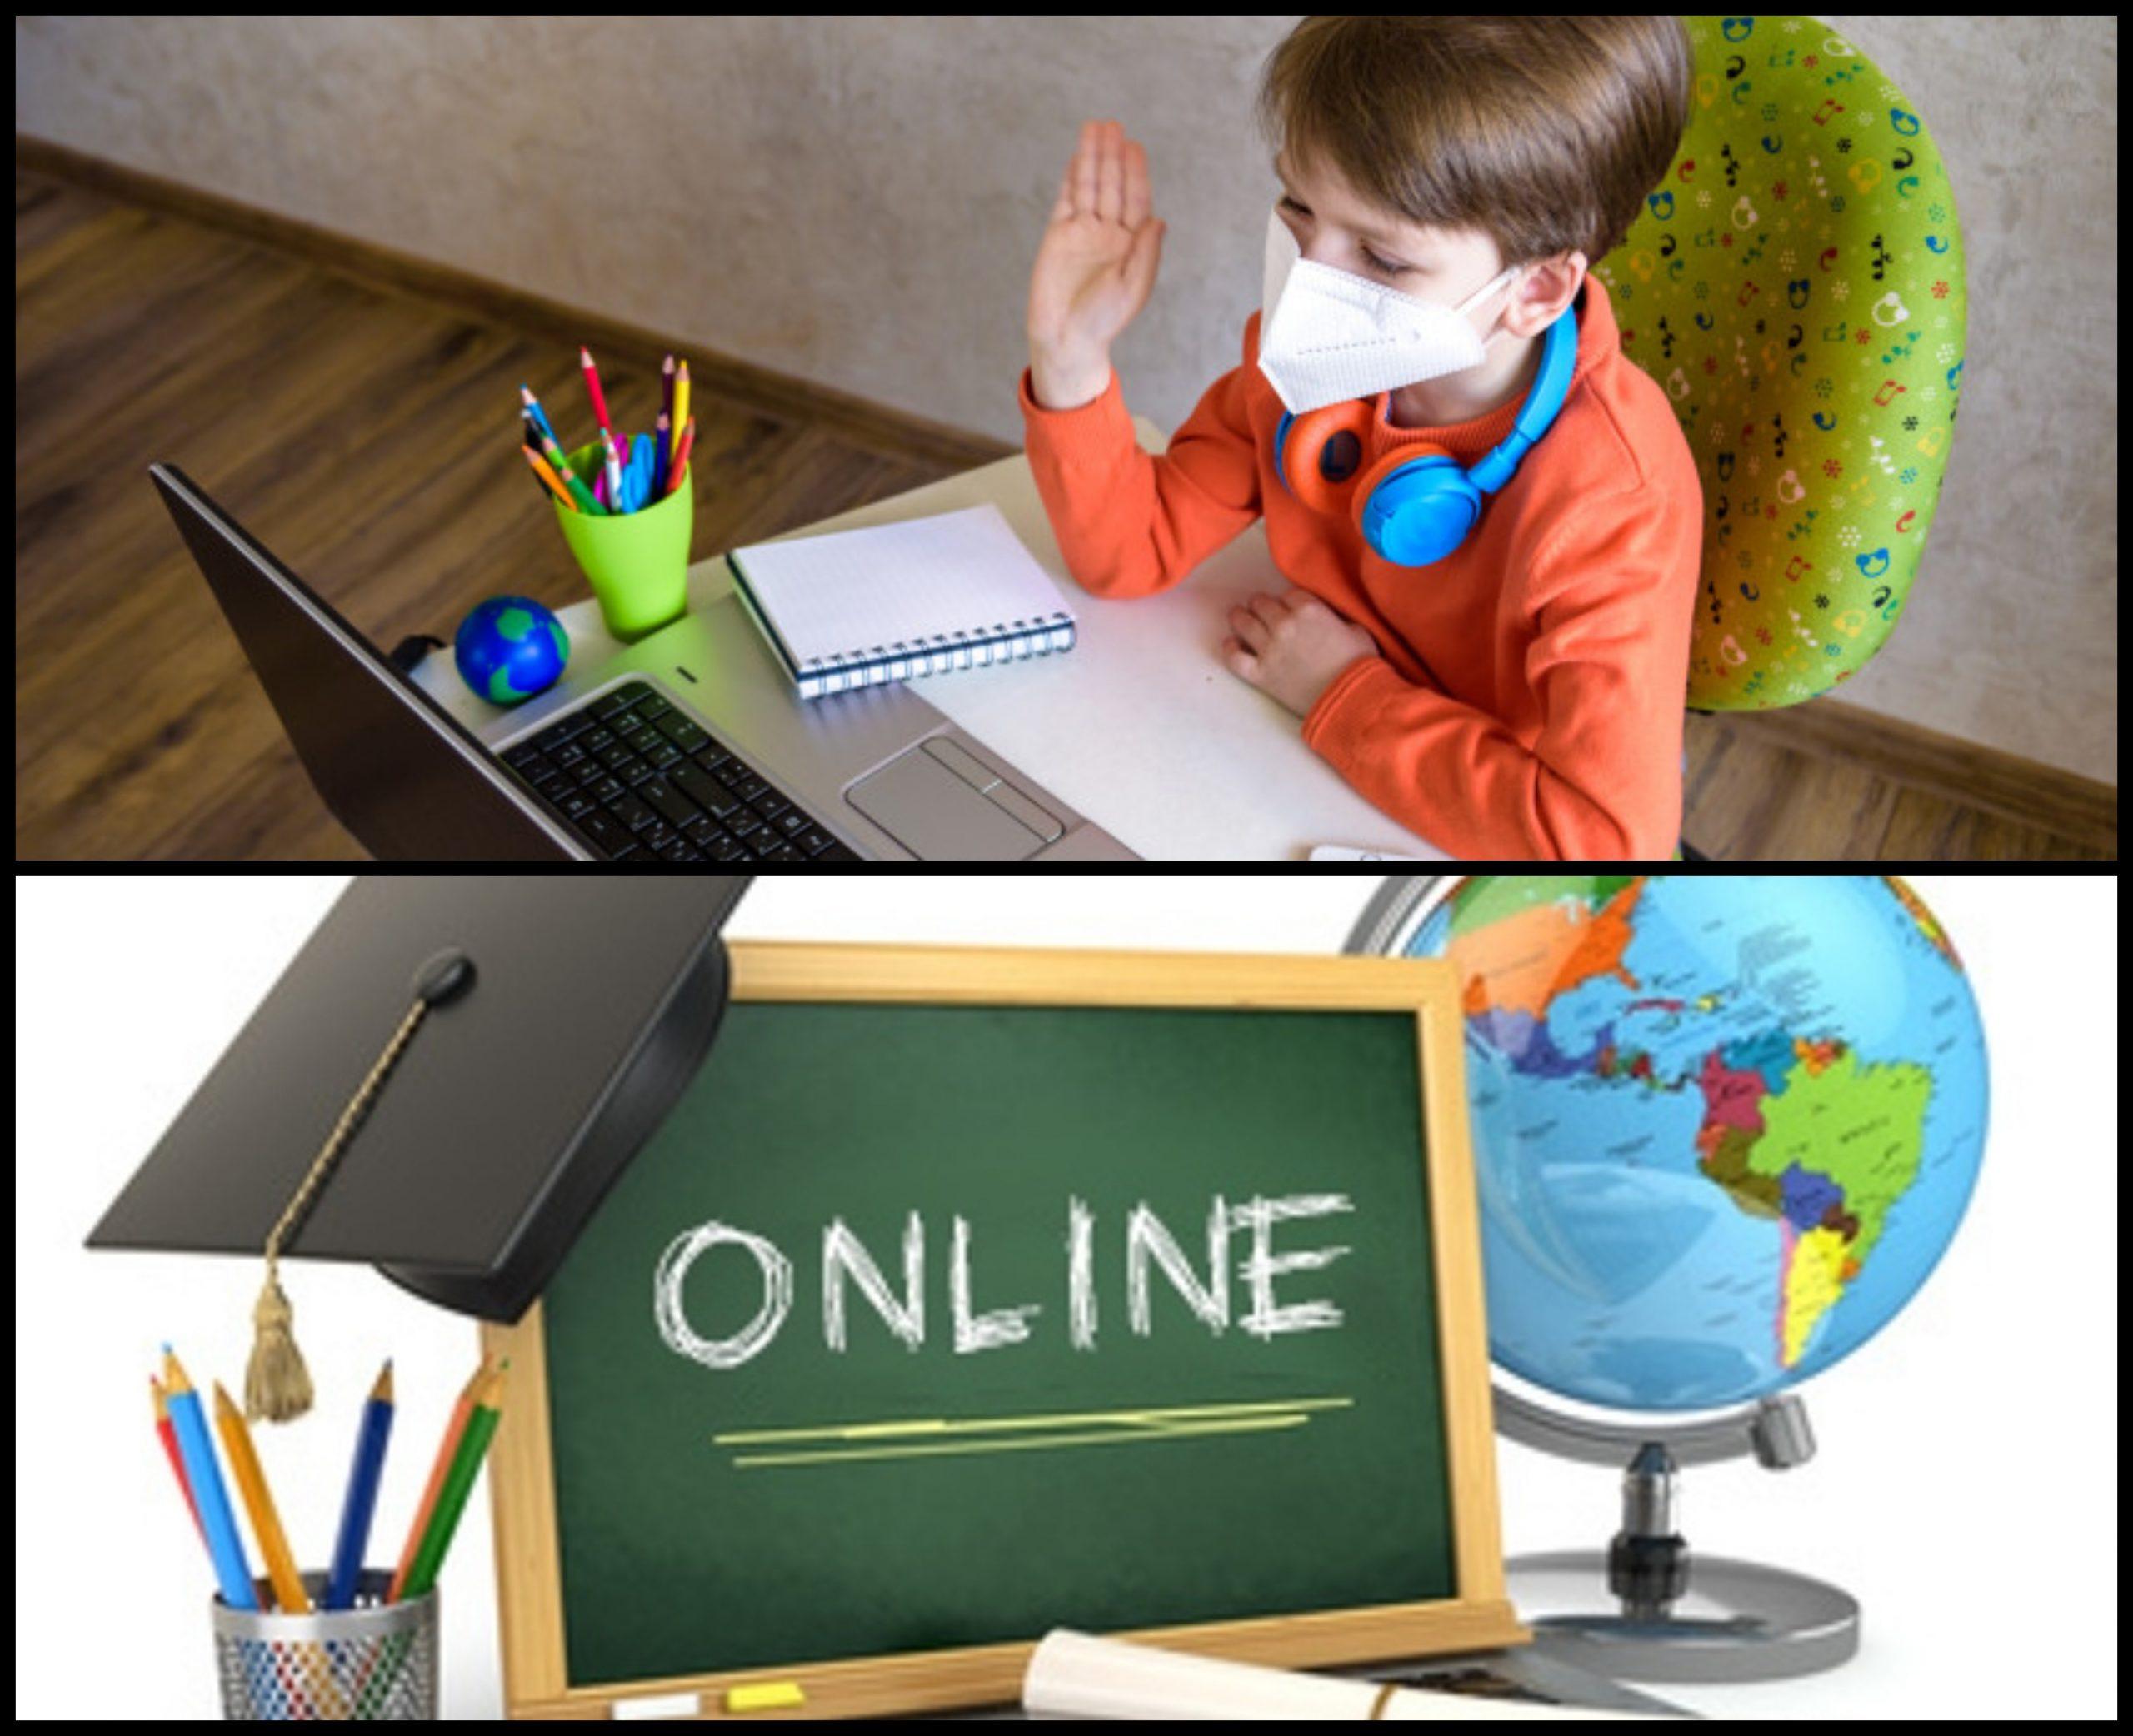 Vreo 65.000 de elevi din București fac deja doar școală online. Consecințele negative ale învățatului de acasă